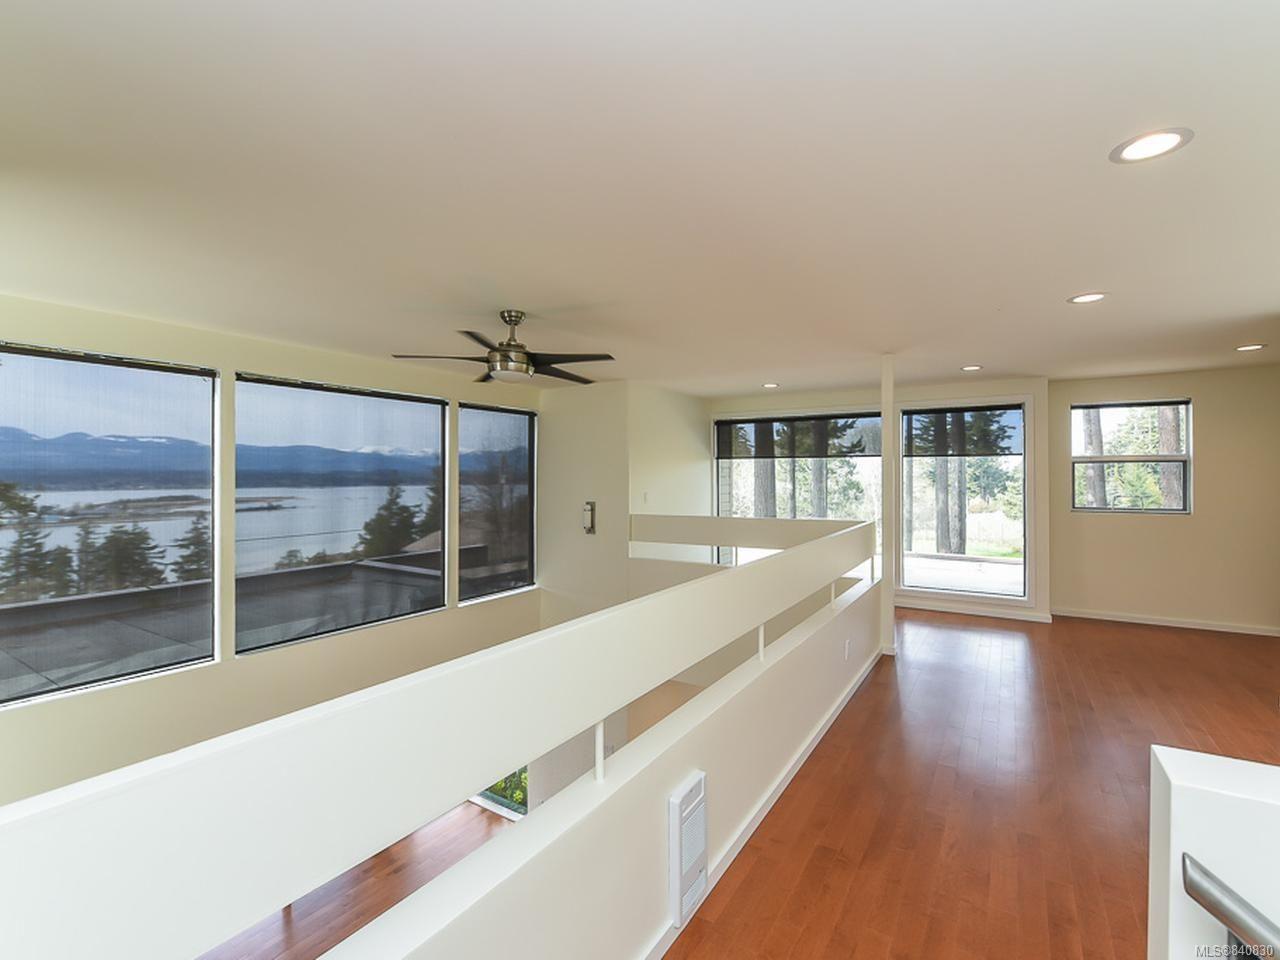 Photo 15: Photos: 1156 Moore Rd in COMOX: CV Comox Peninsula House for sale (Comox Valley)  : MLS®# 840830